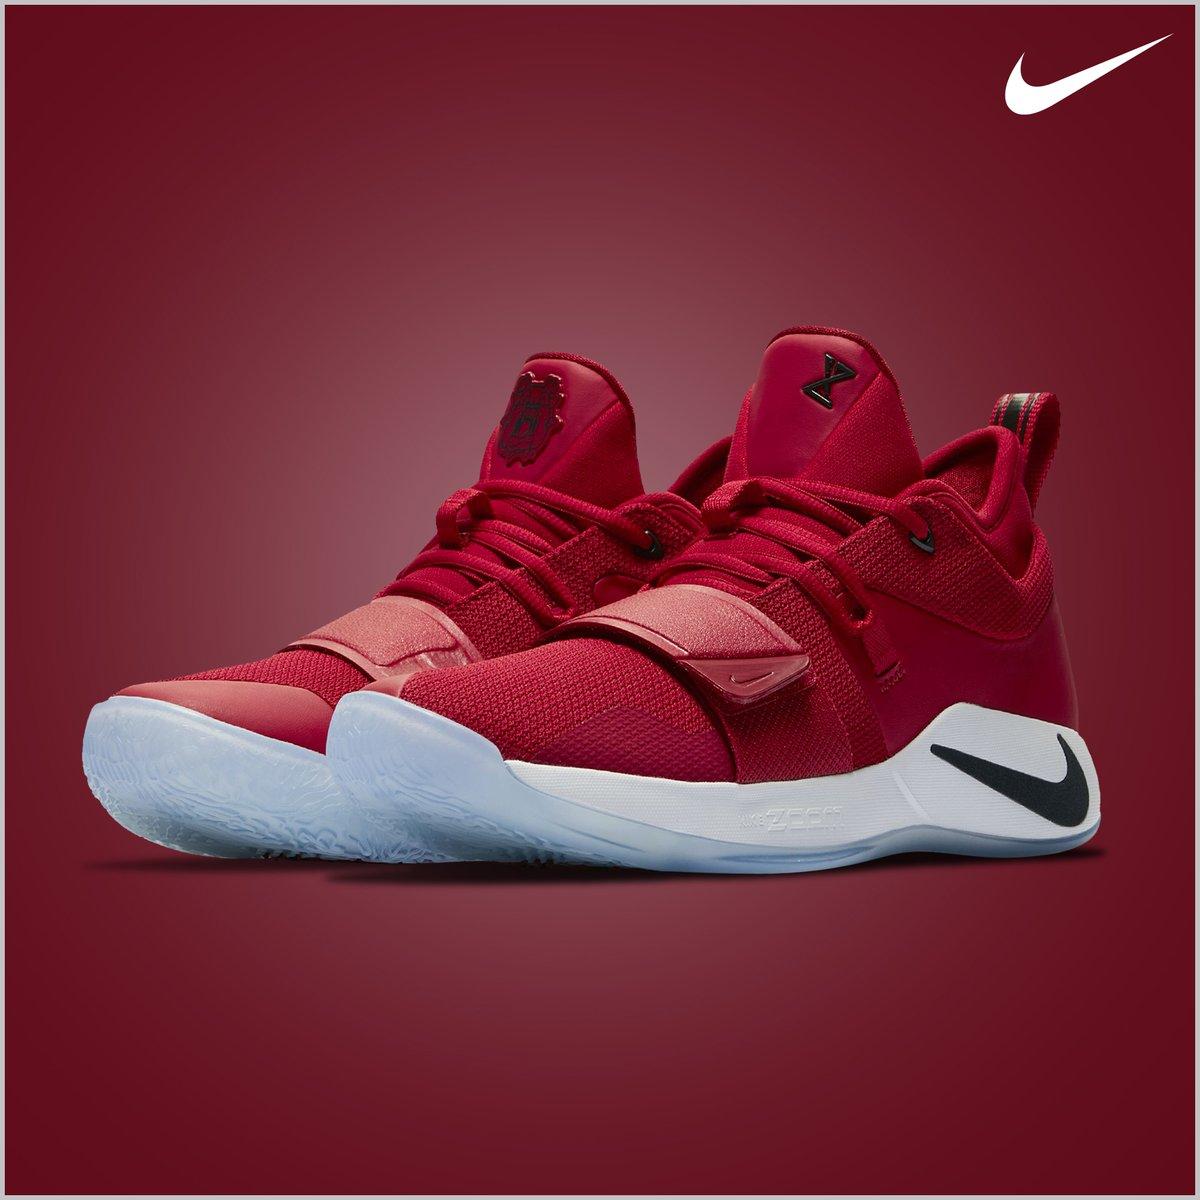 Nike PG 2.5 Fresno